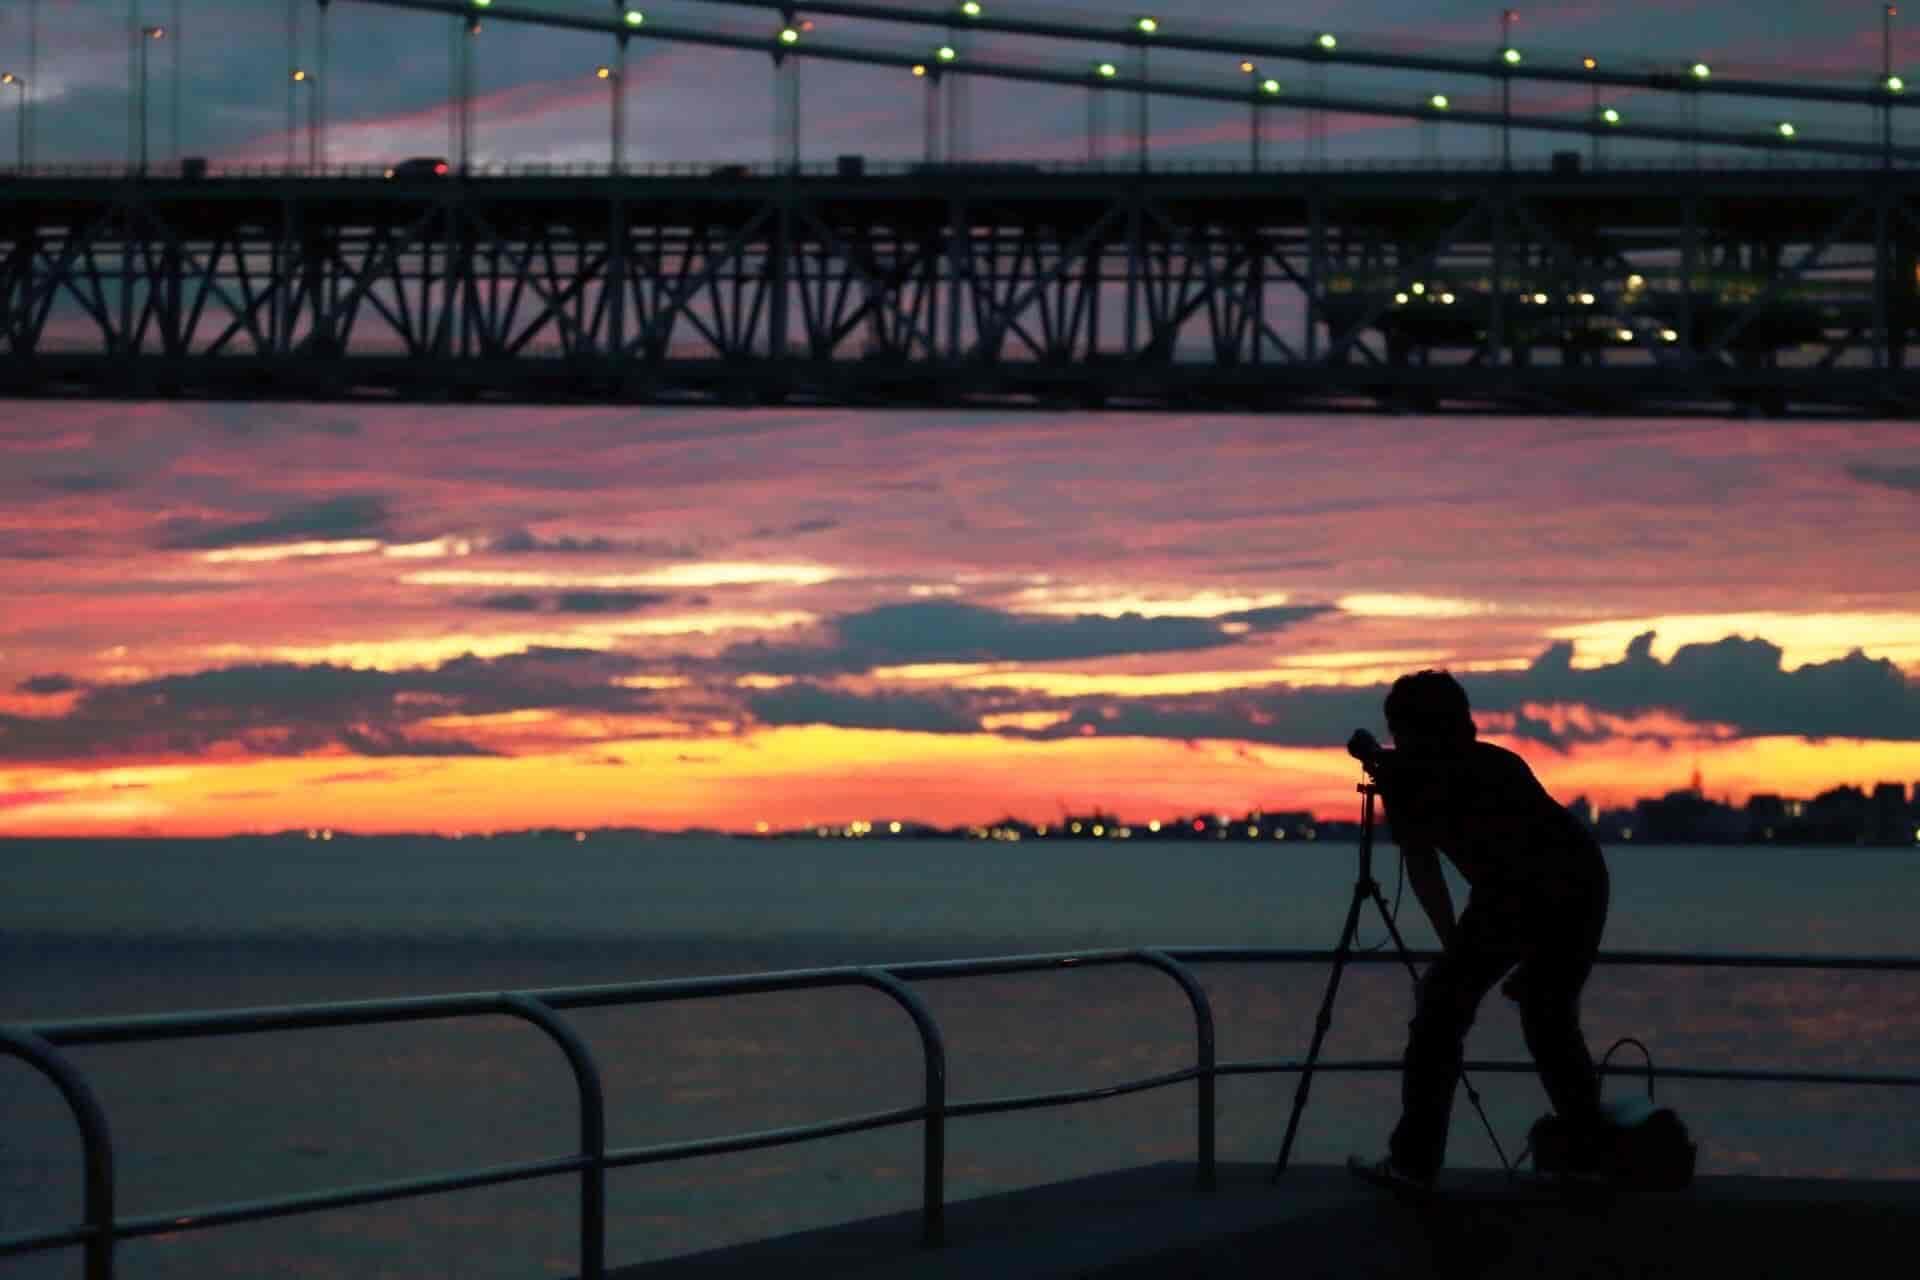 ラブ探偵事務所と他社の埼玉県八潮市での夜間暗視撮影